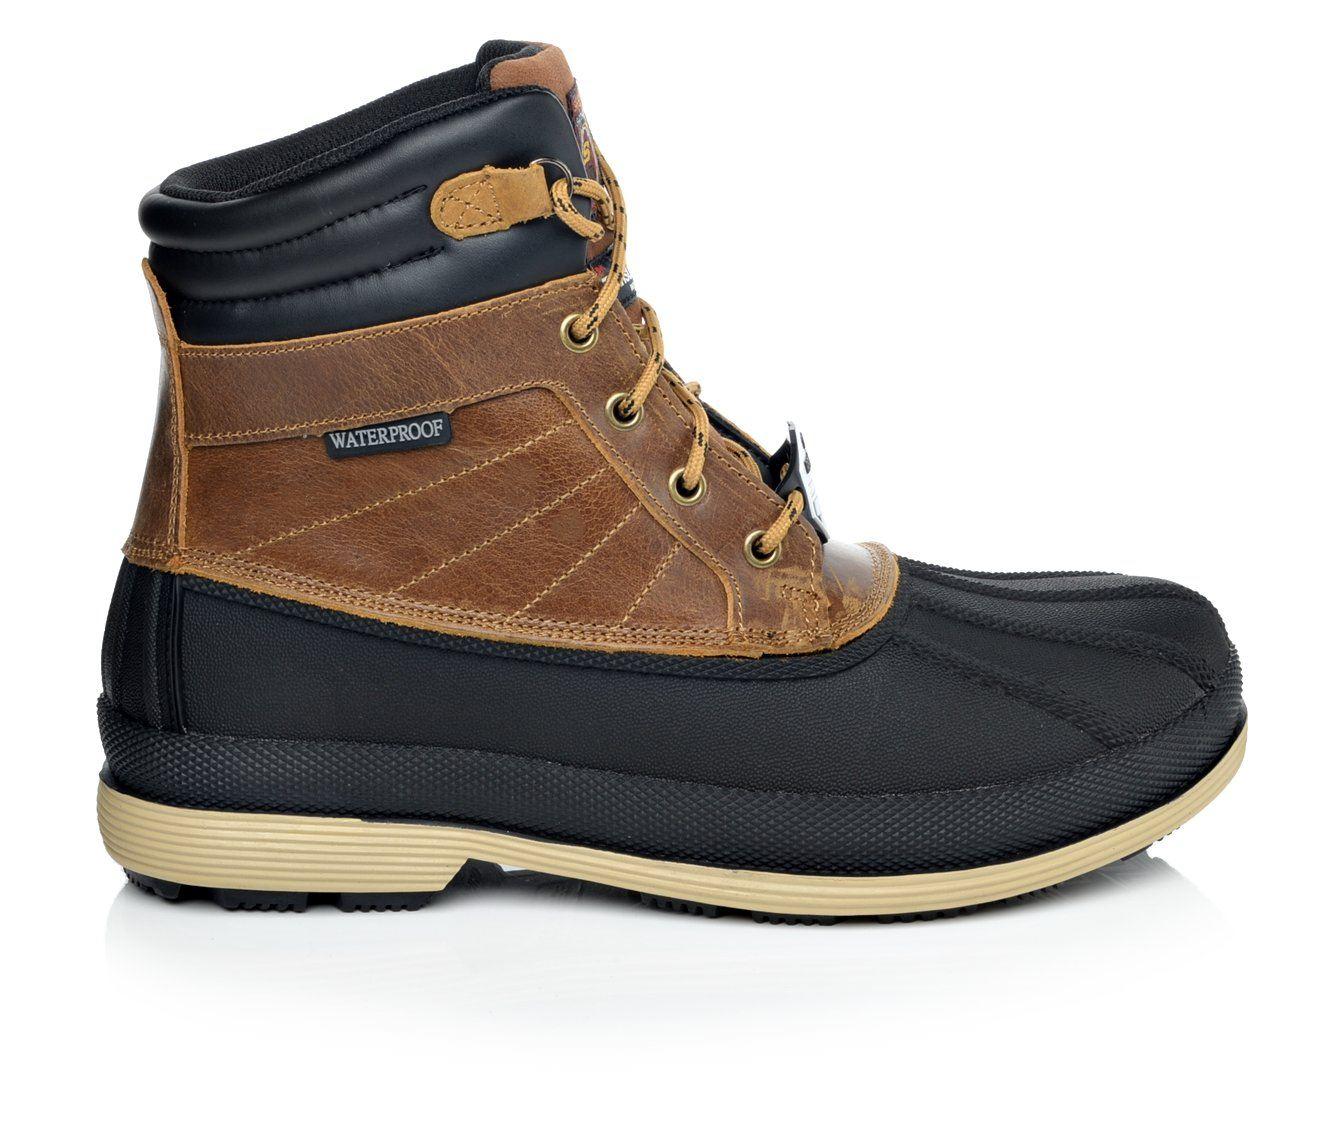 Skechers Work Robards Waterproof 77065 Men's Boots (Brown)